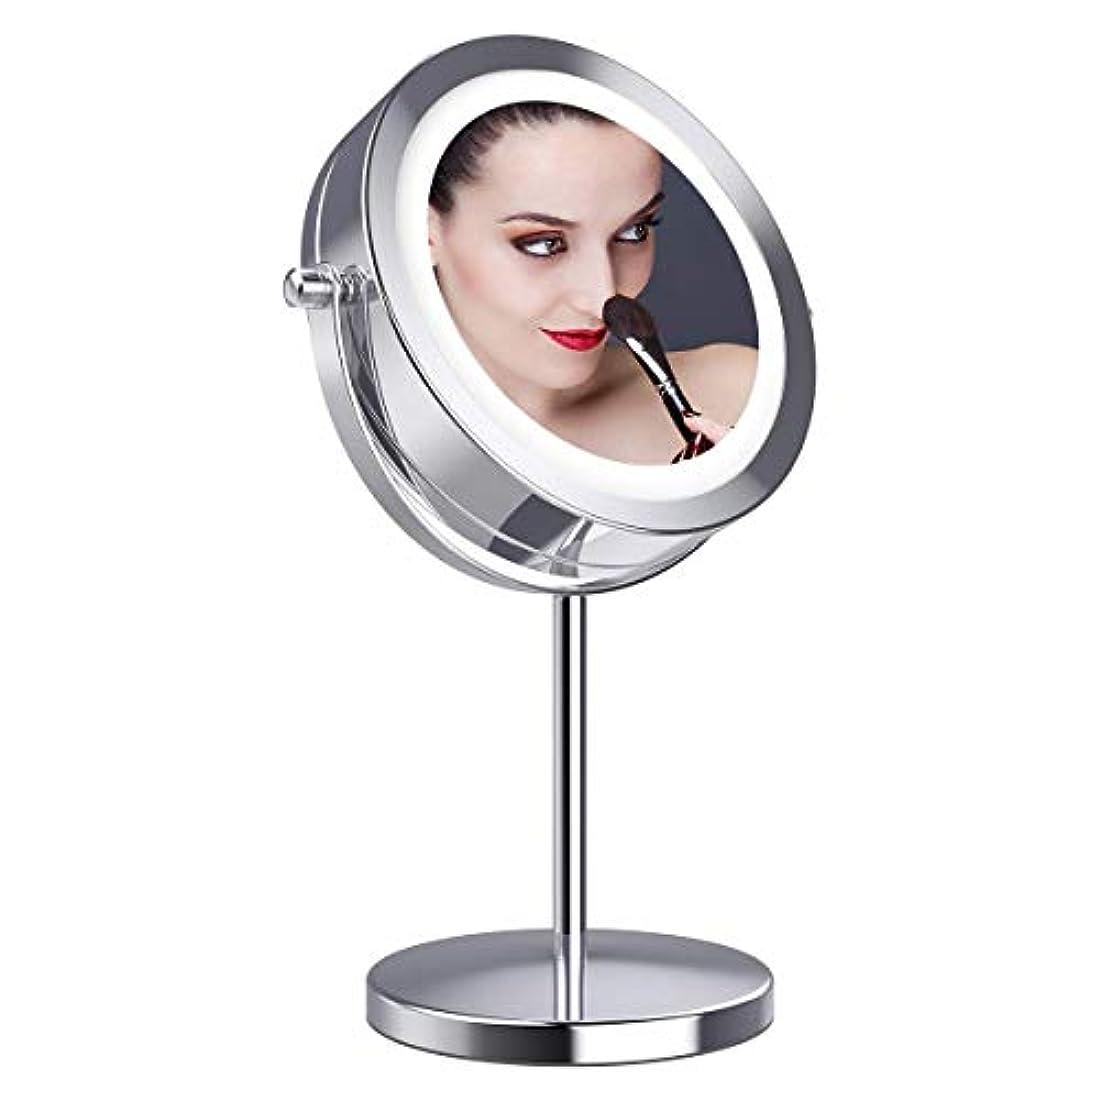 瀬戸際あそこ母性拡大鏡10倍 LED拡大鏡 化粧鏡 LEDミラー 卓上ミラーled 化粧ミラー 360度回転ミラー LEDライト付きミラー 真実の北欧風卓上鏡 卓上鏡 LED化粧鏡 両面化粧鏡 スタンドミラー「Gospire」